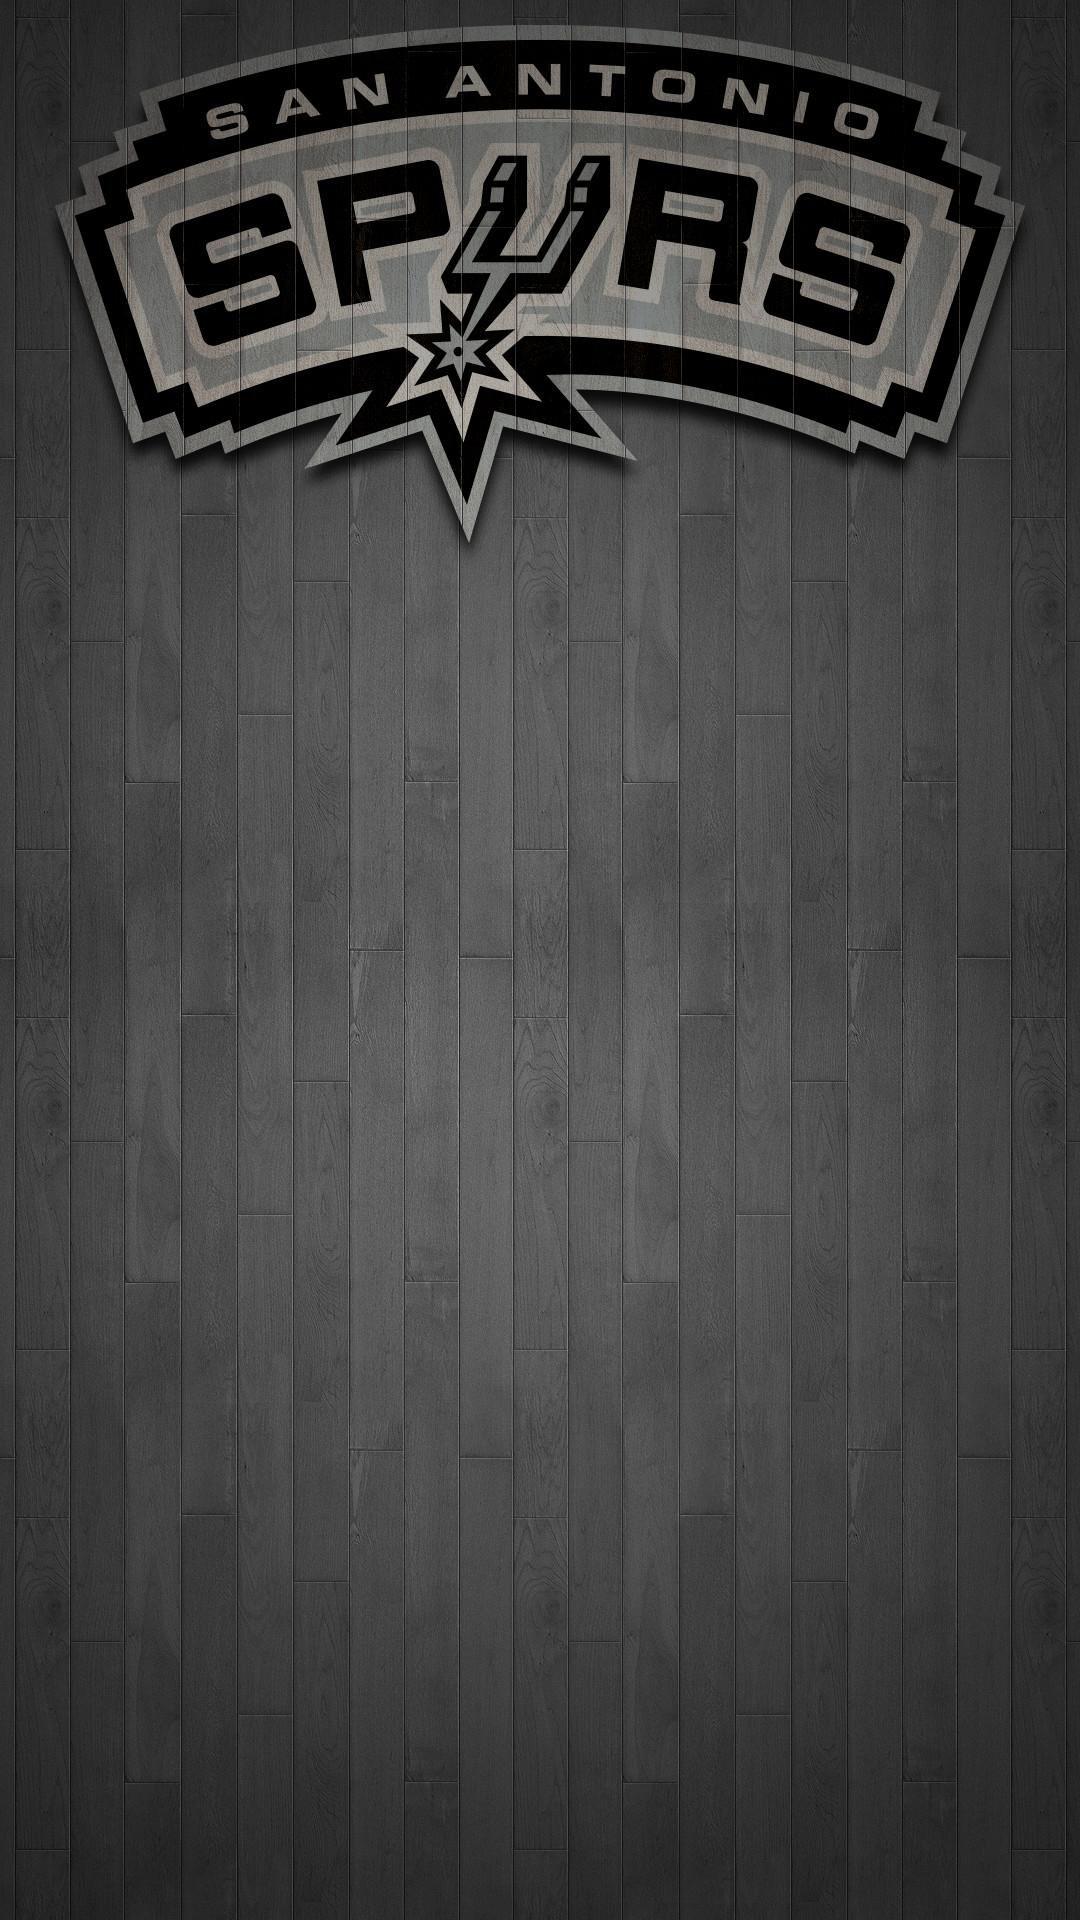 San Antonio Spurs Wallpaper 2017